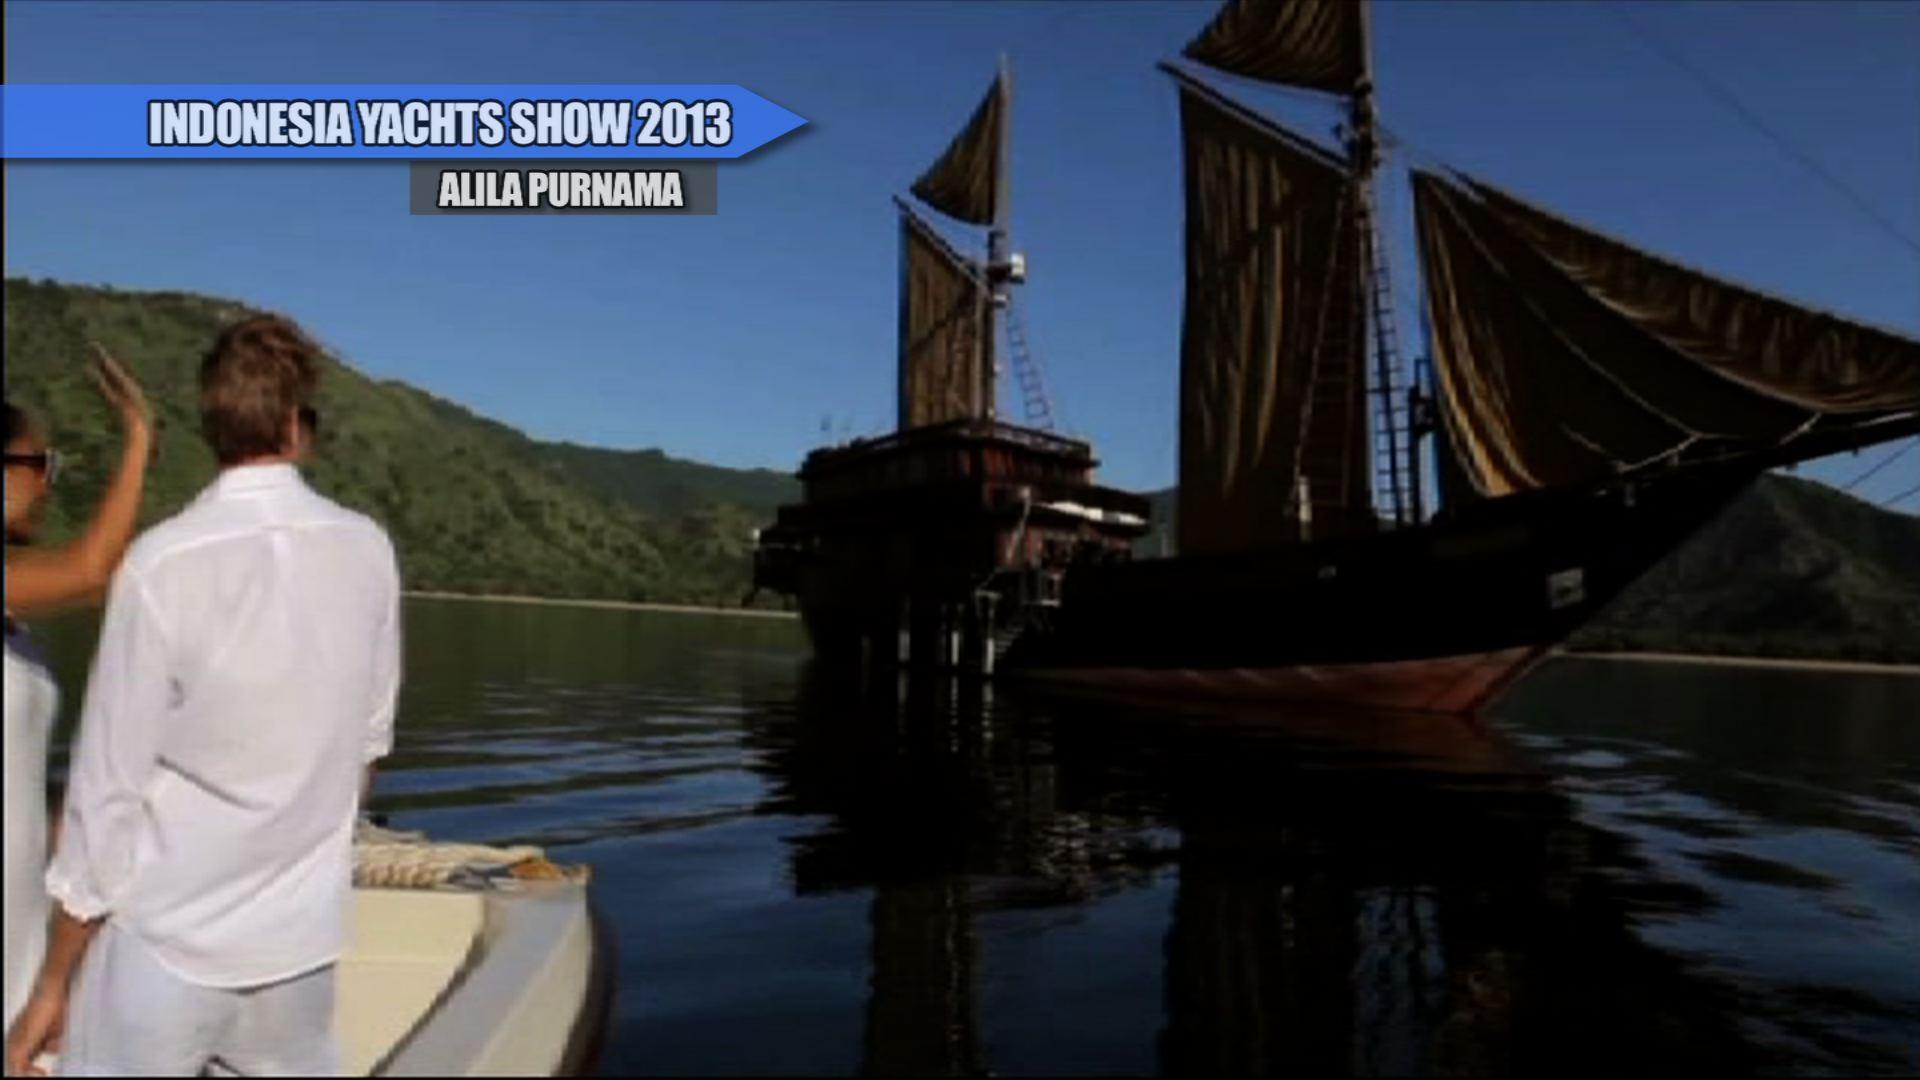 Alila Purnama (Indonesia Yachts Show 2013)